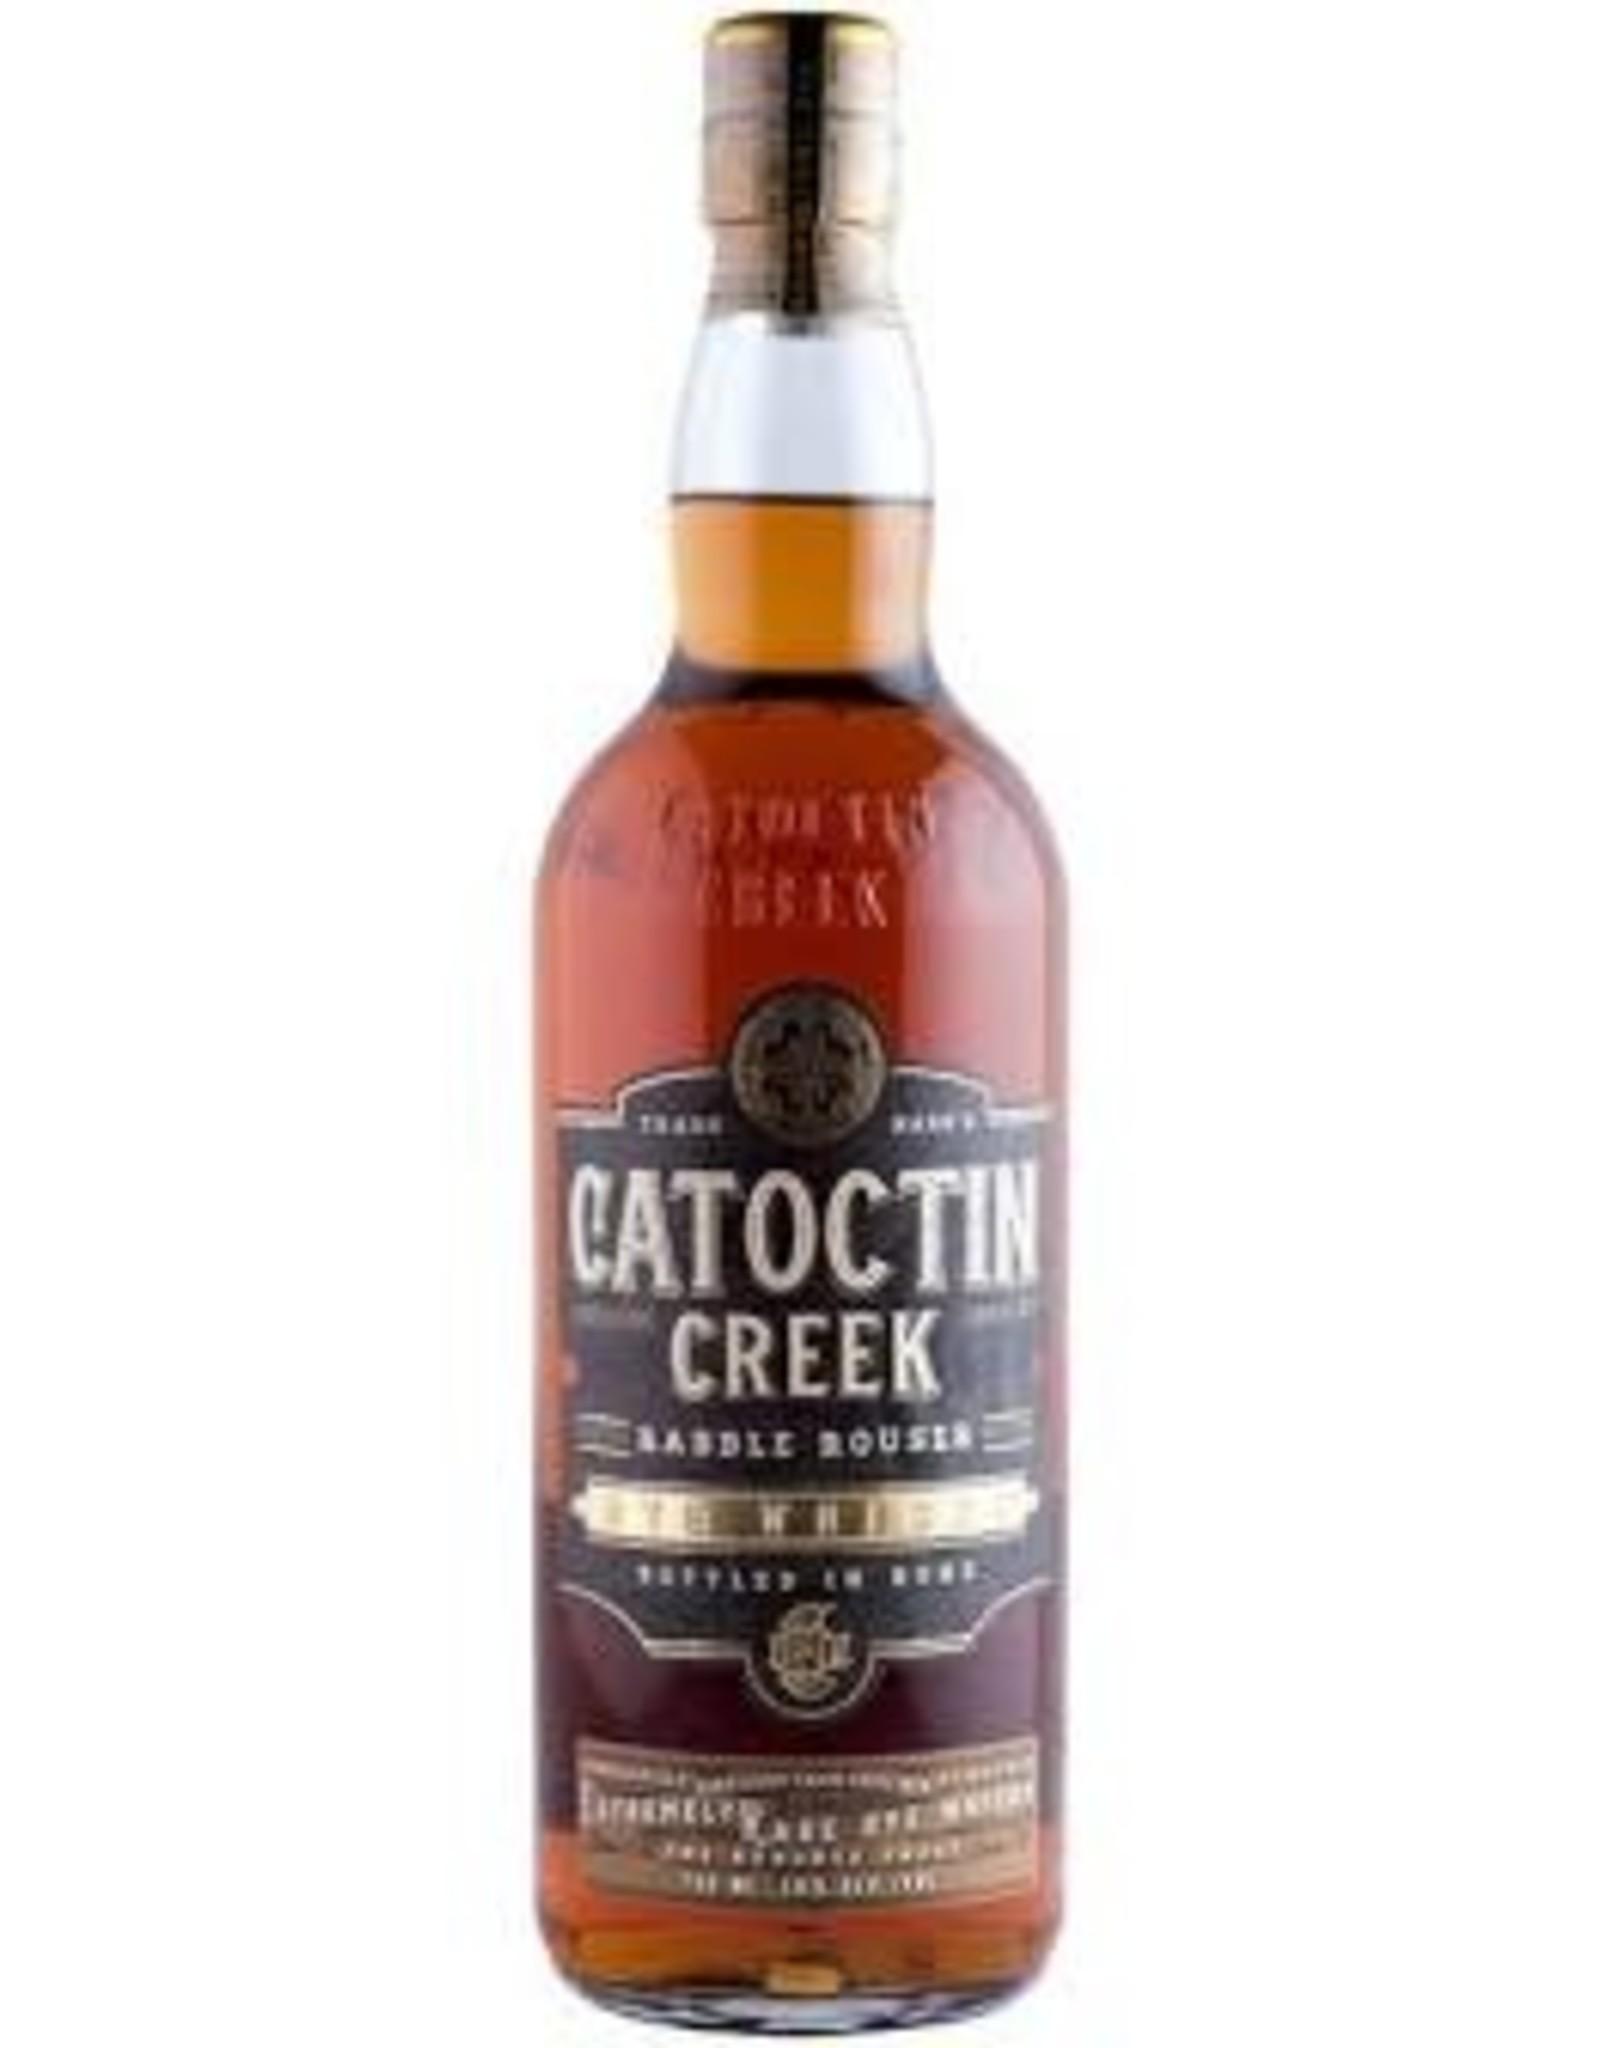 Catoctin Creek 'Rabble Rouser' Bottled in Bond Rye Whiskey